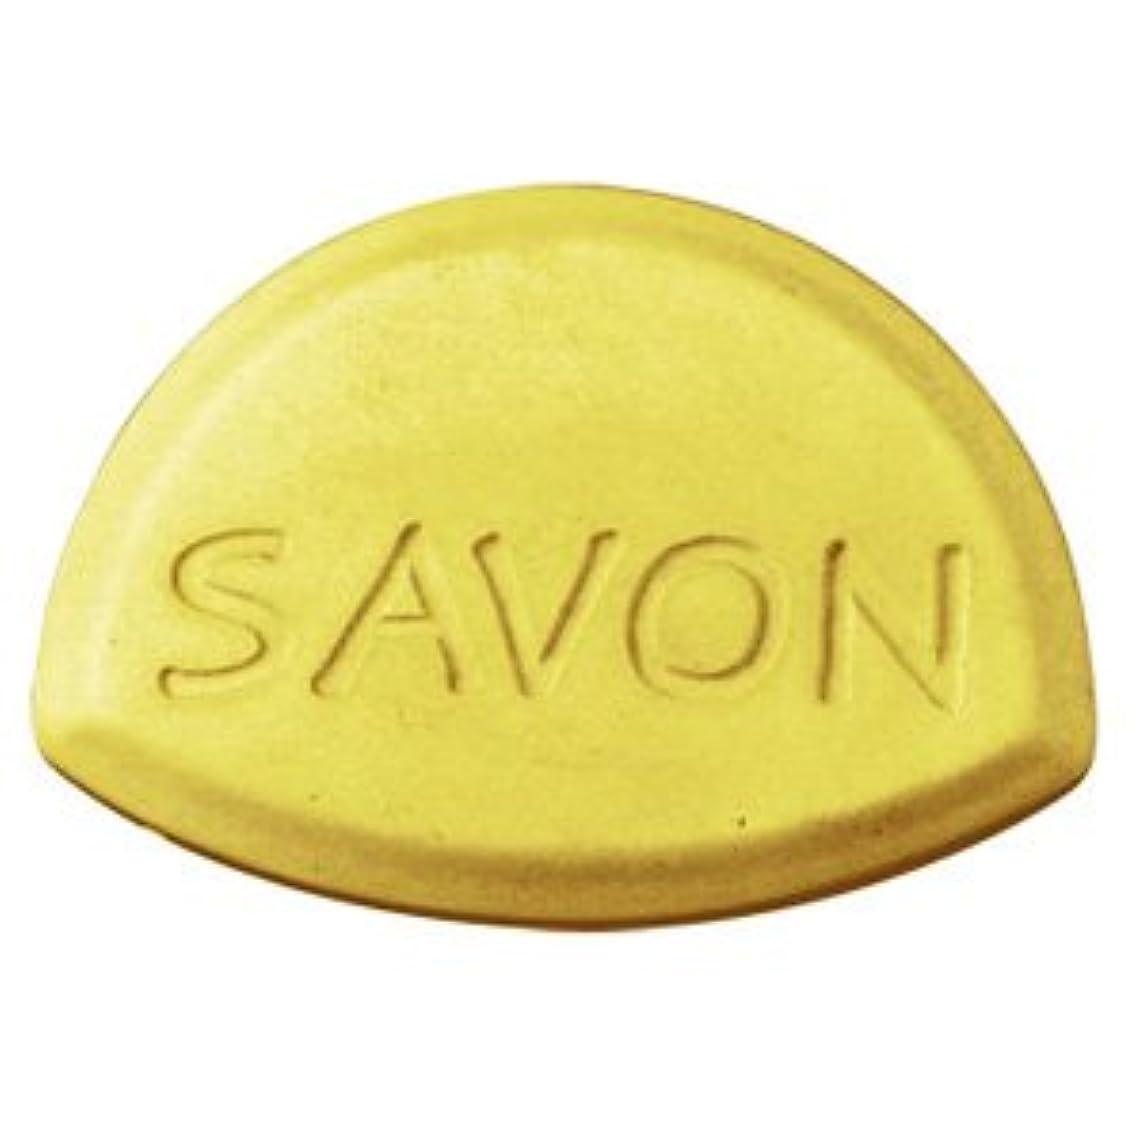 暗唱する予防接種する雨のミルキーウェイ SAVON 【ソープモールド/石鹸型/シートモールド】